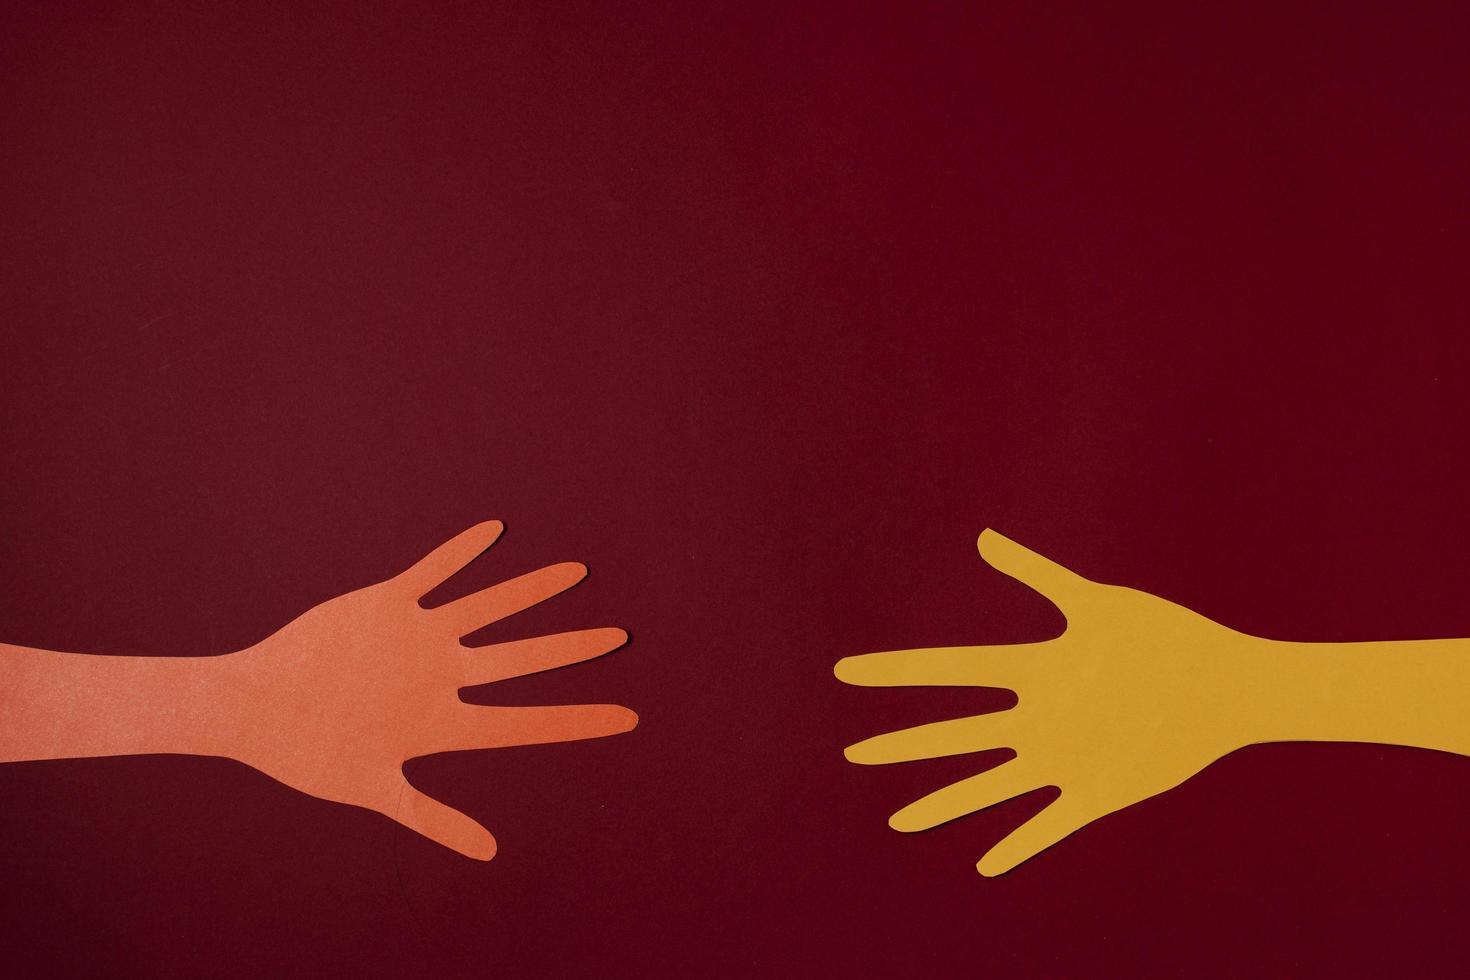 concetto covid con le mani e lo sfondo rosso foto